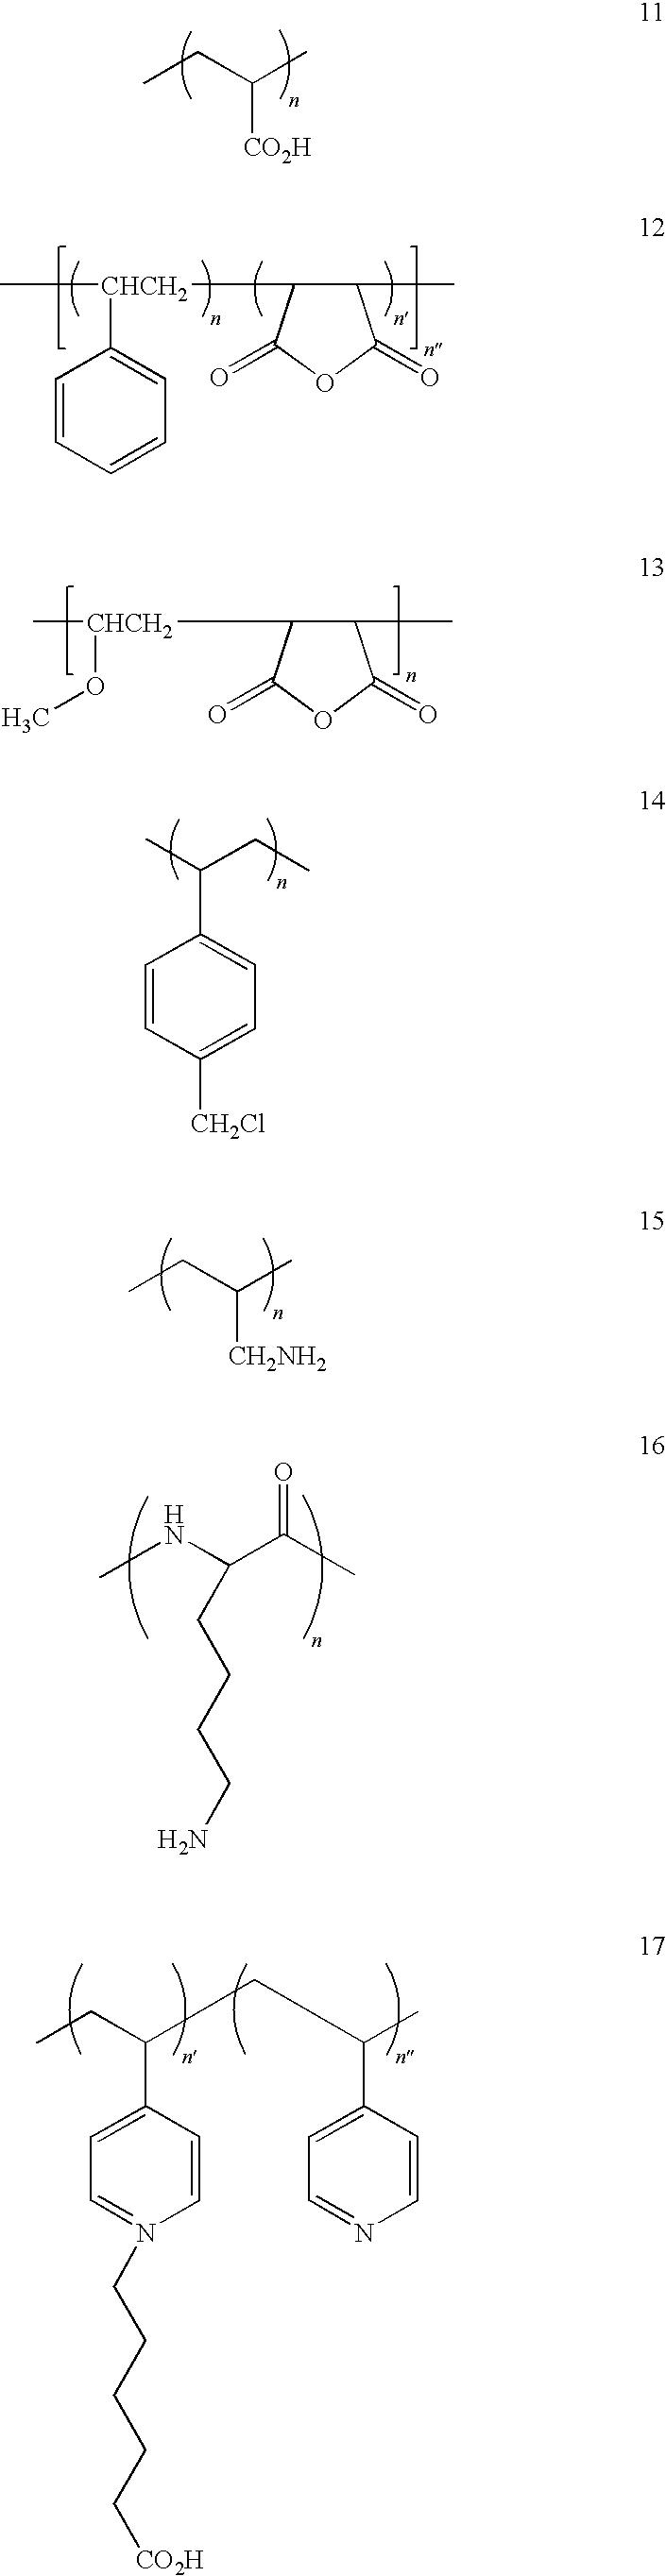 Figure US08168052-20120501-C00031